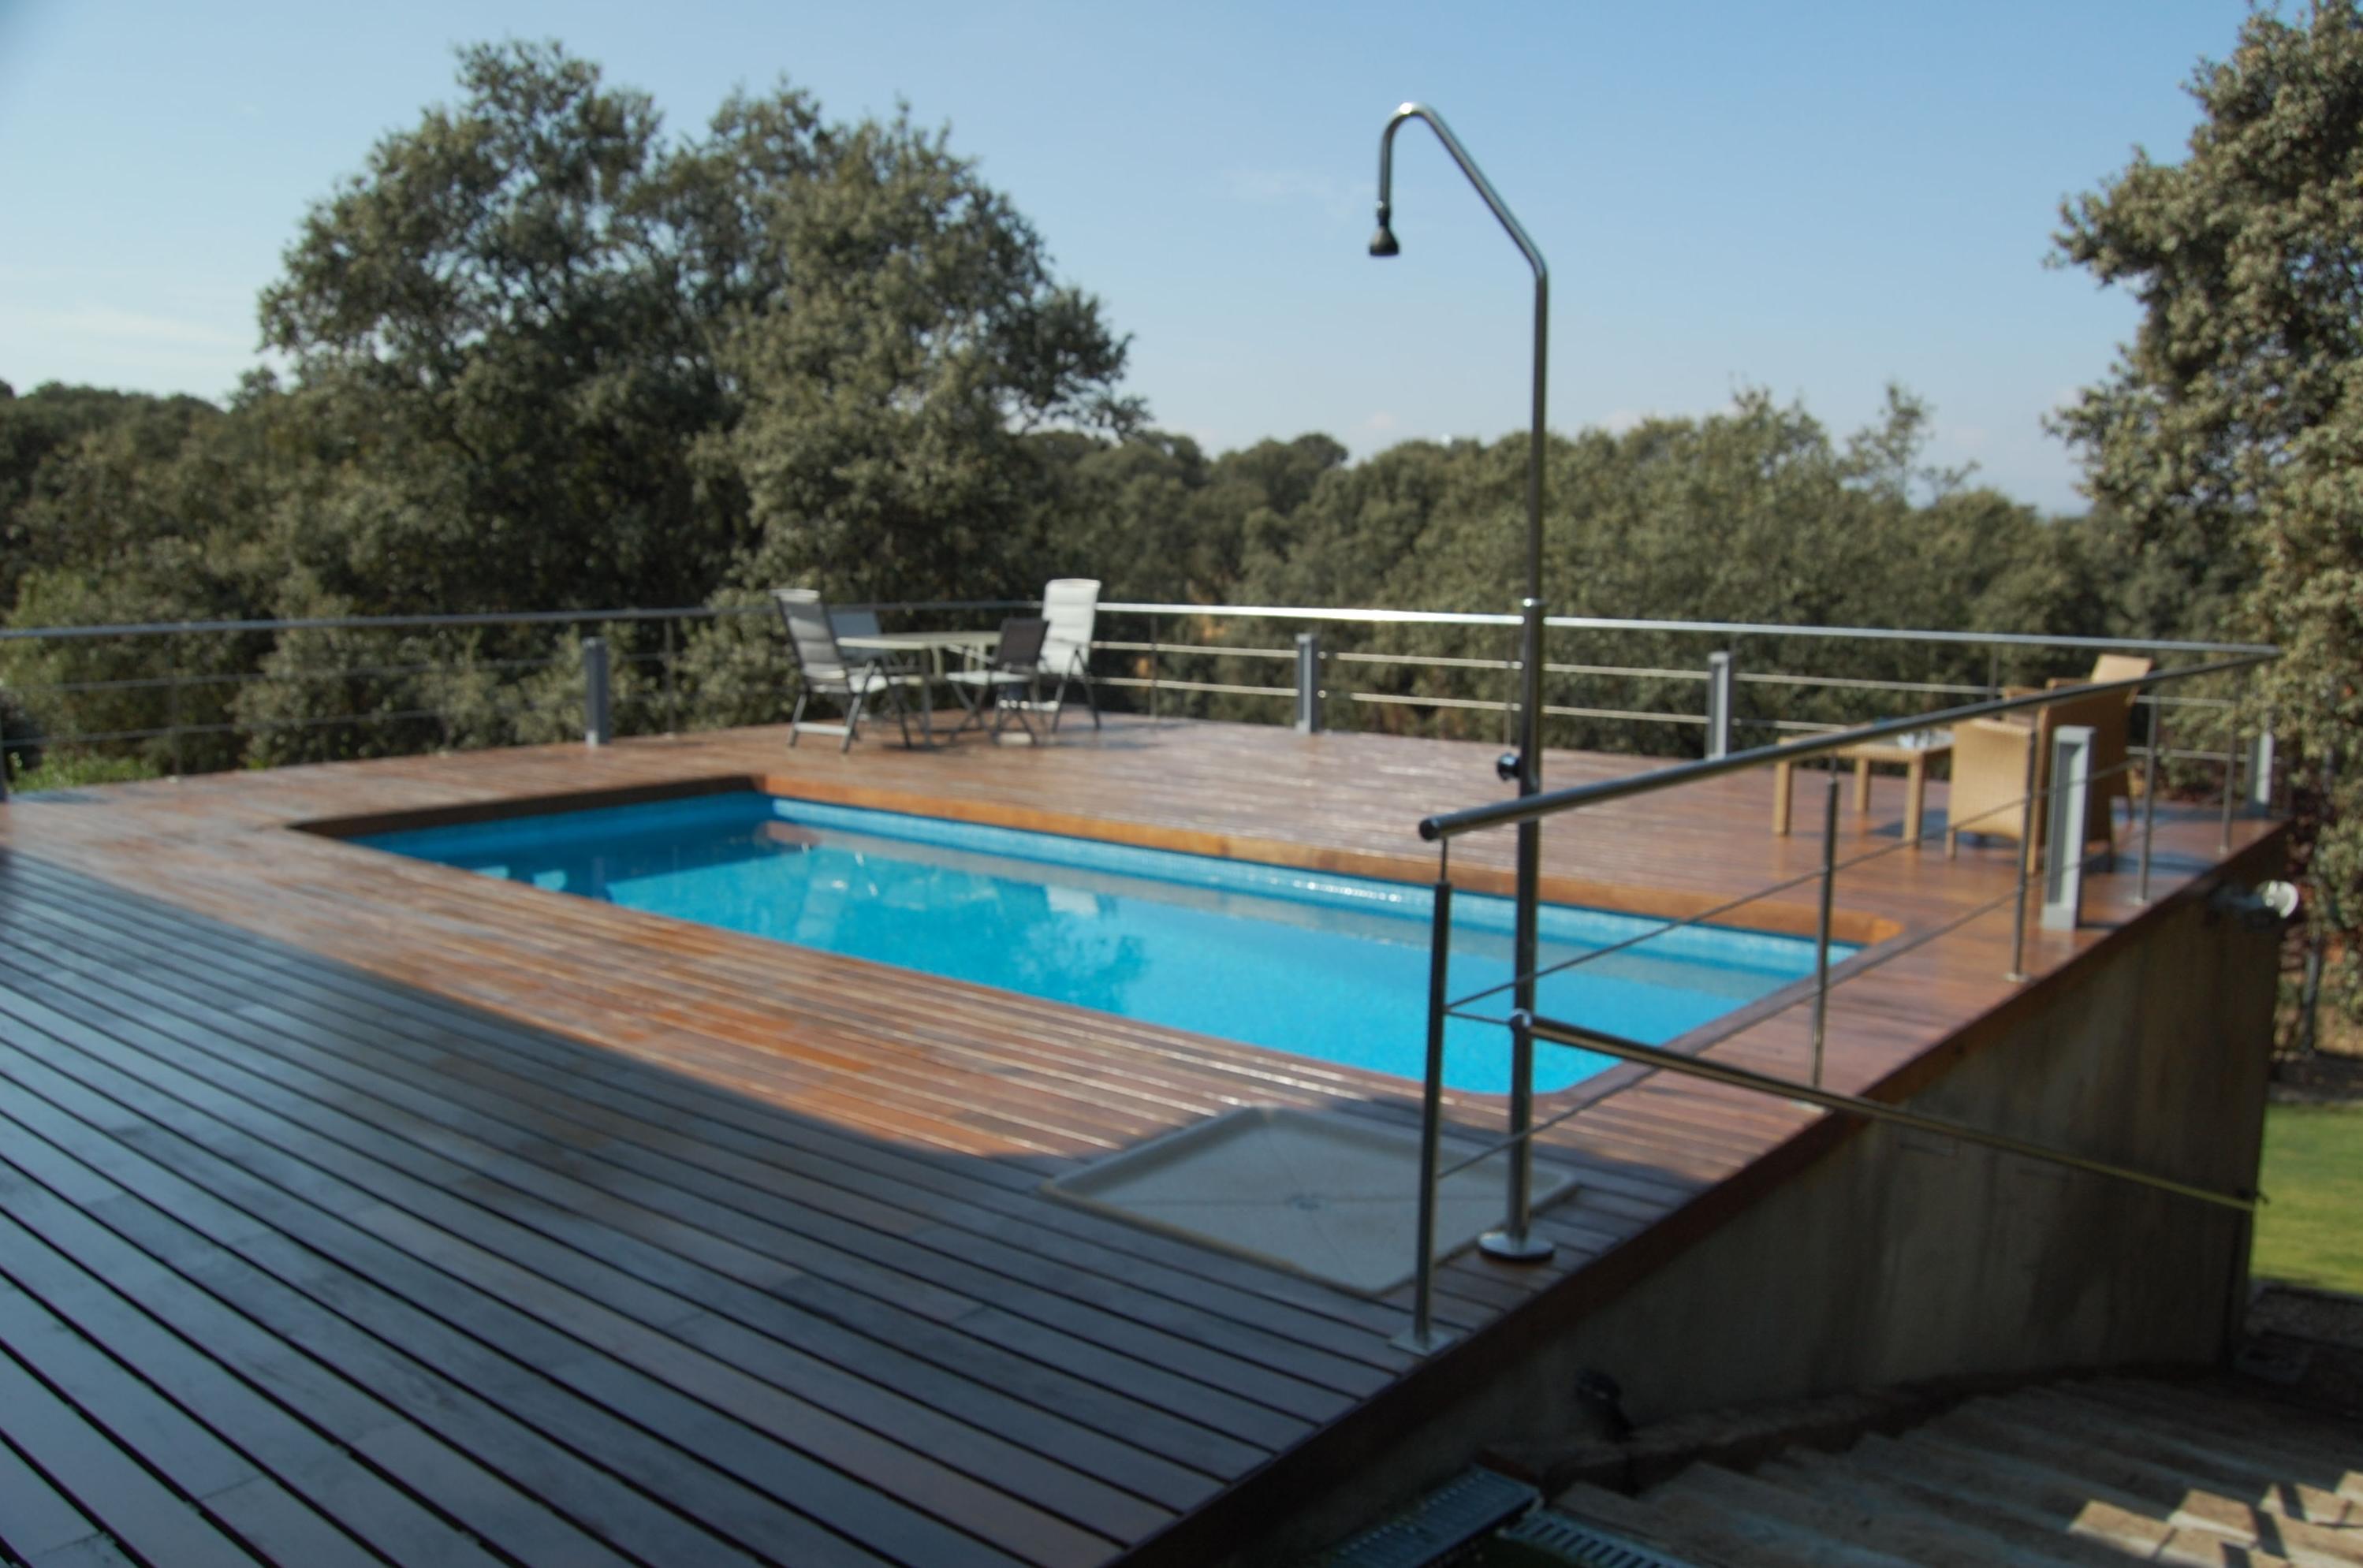 Foto 38 de piscinas instalaci n y mantenimiento en san for Piscina elevada obra